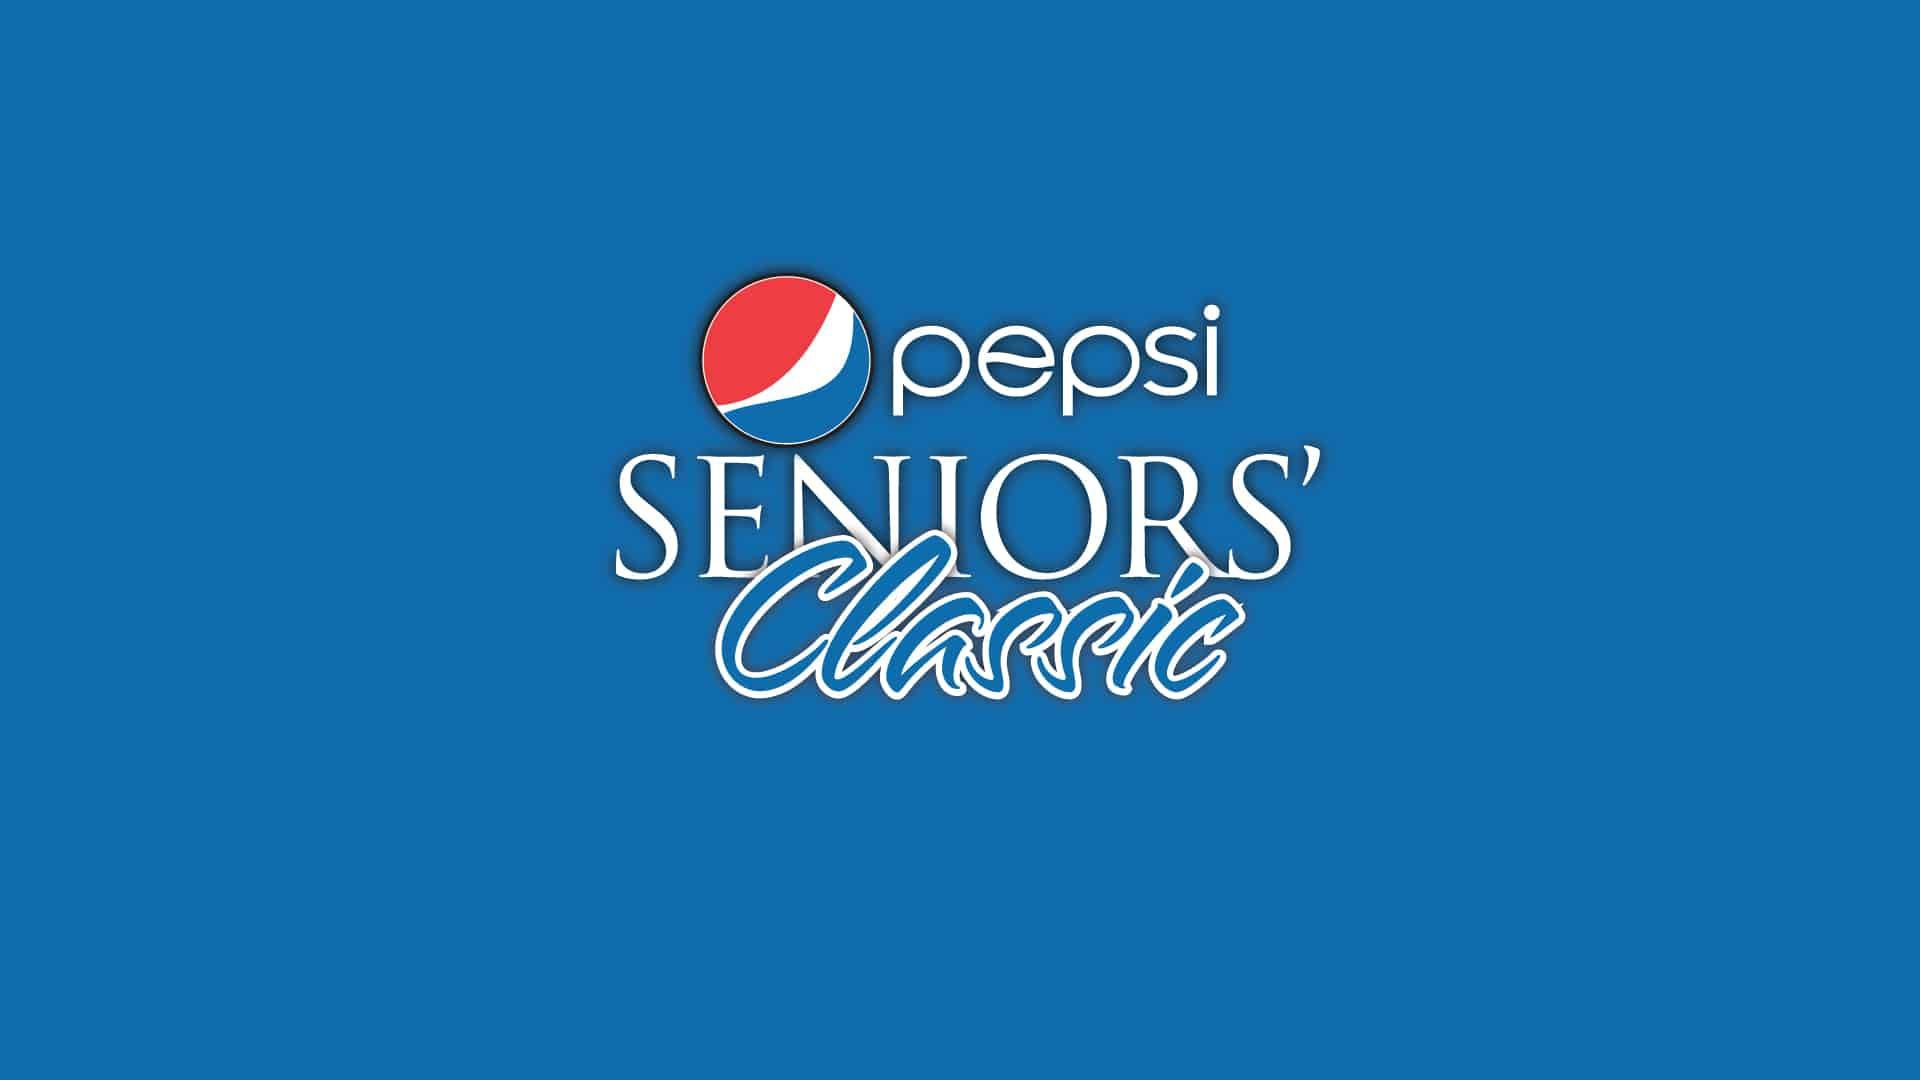 Pepsi Senior Classic